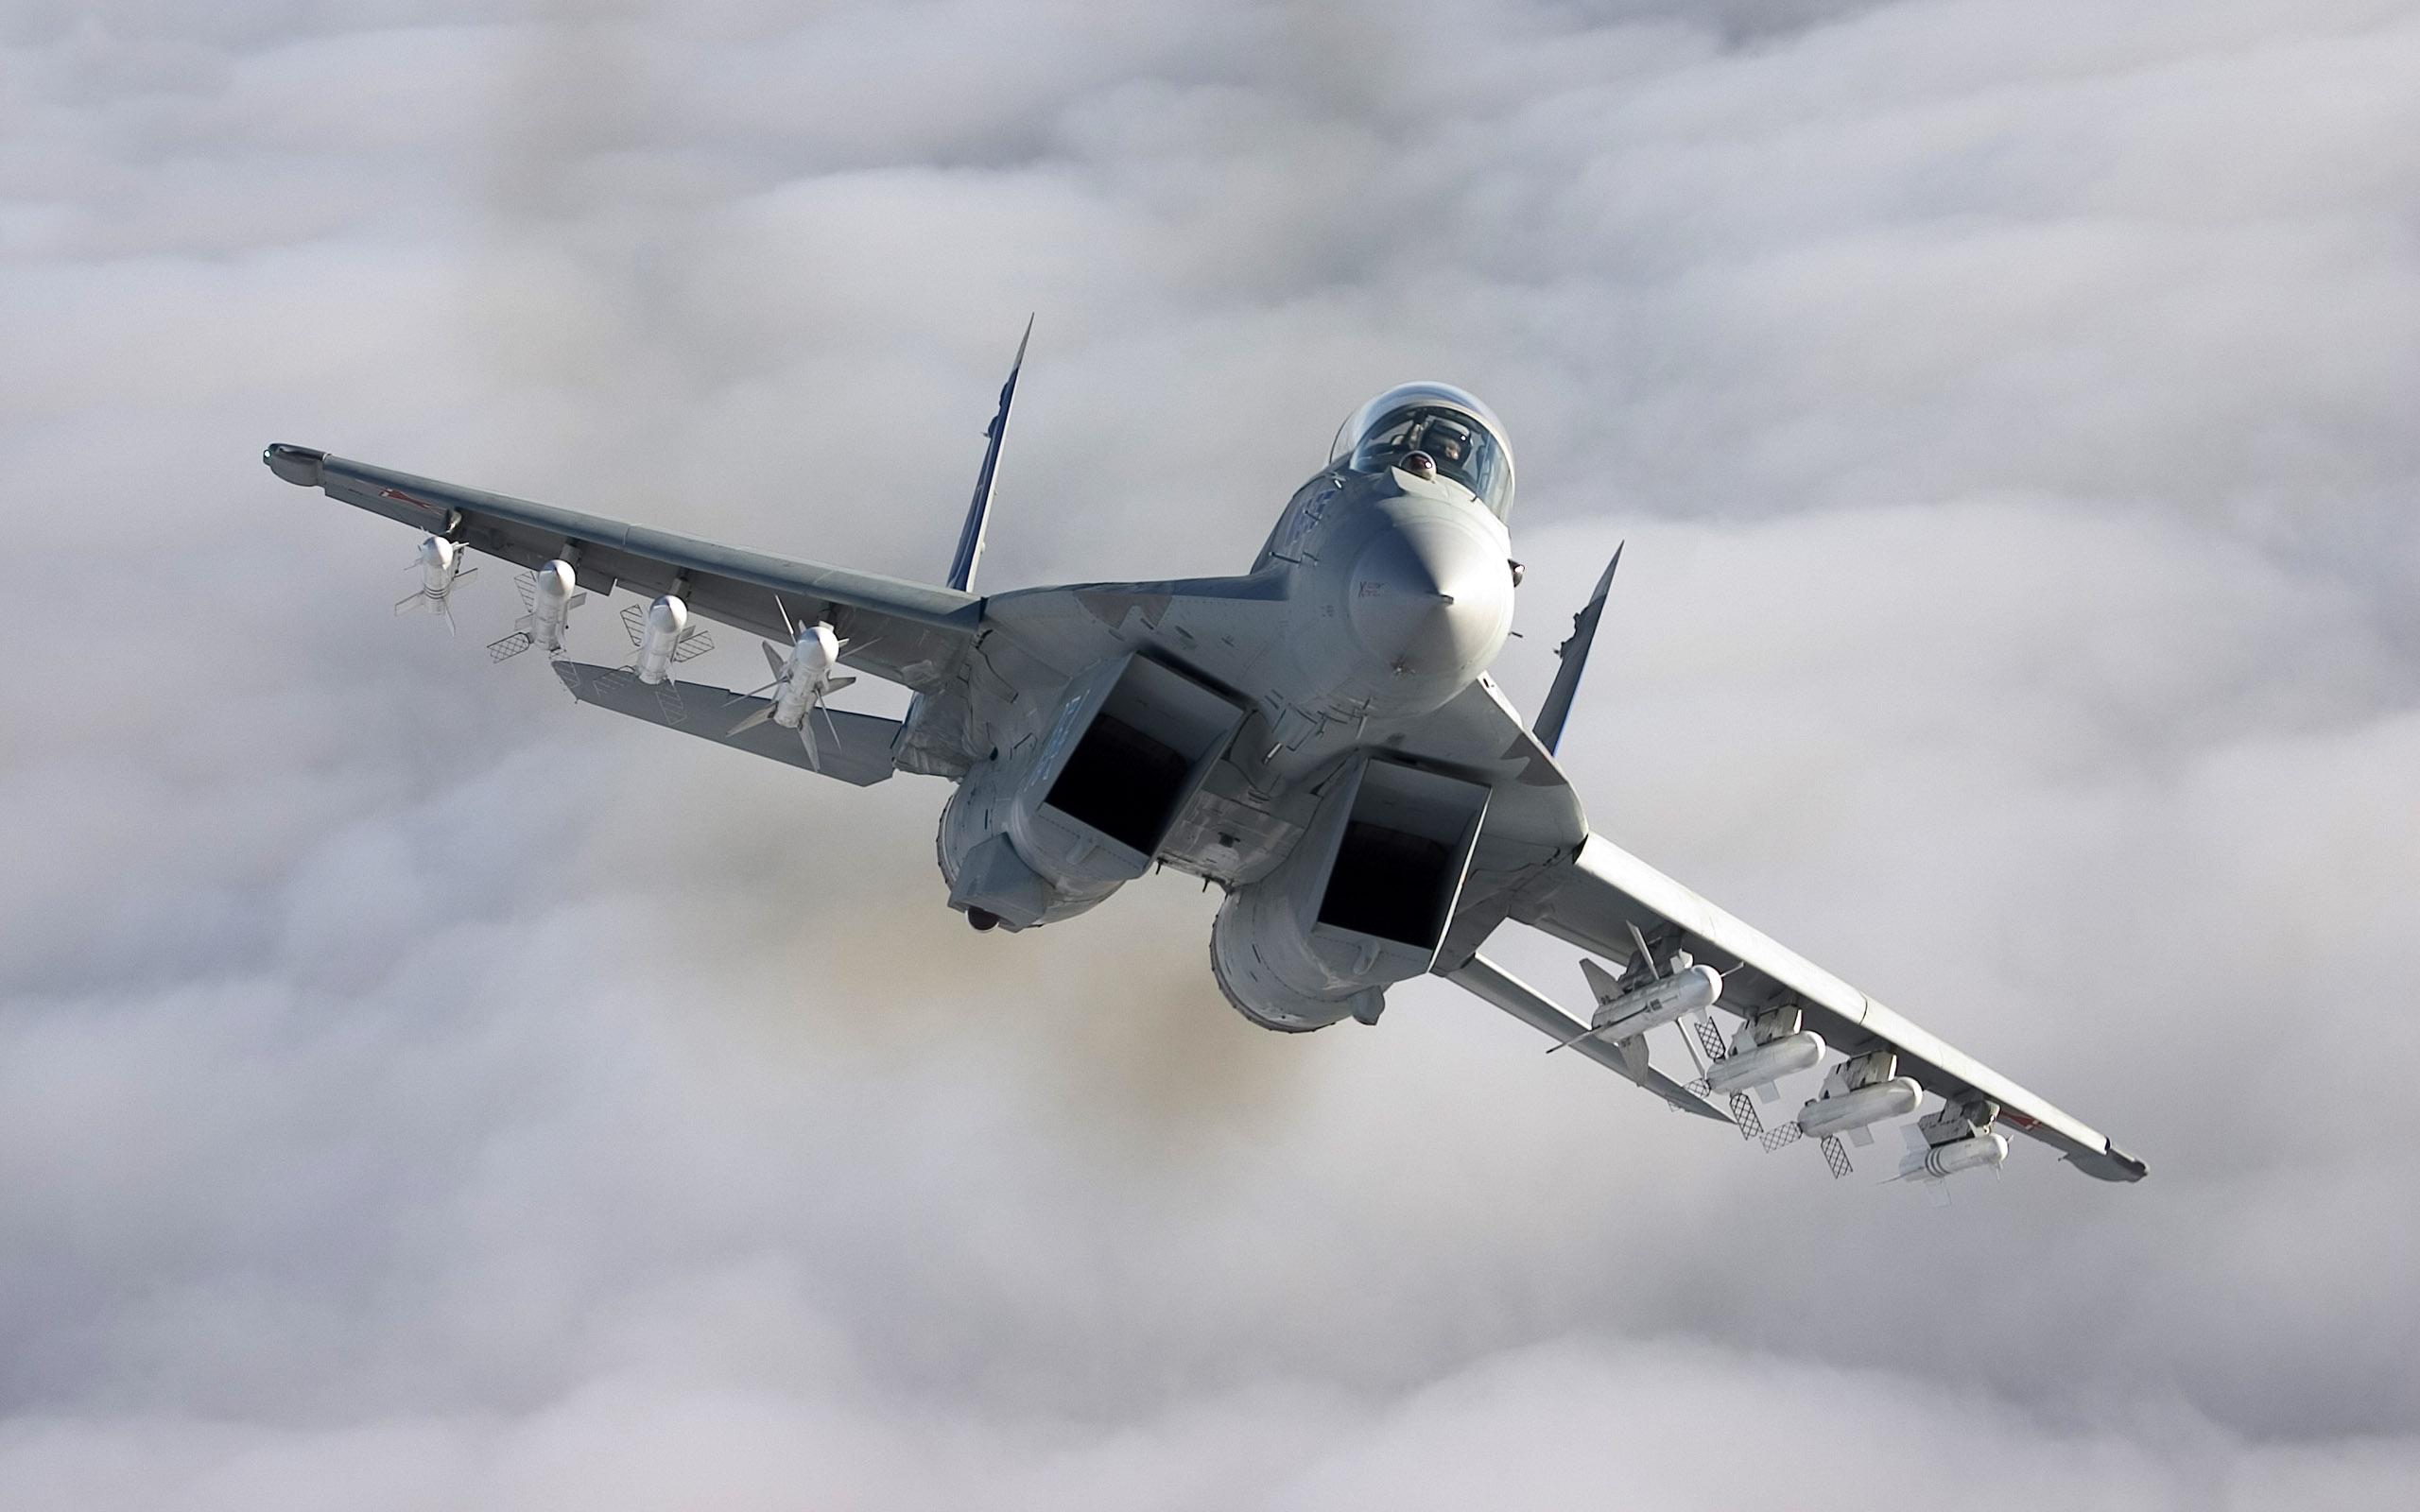 壁纸2560×1600军用飞机高清壁纸壁纸,军用飞机高清